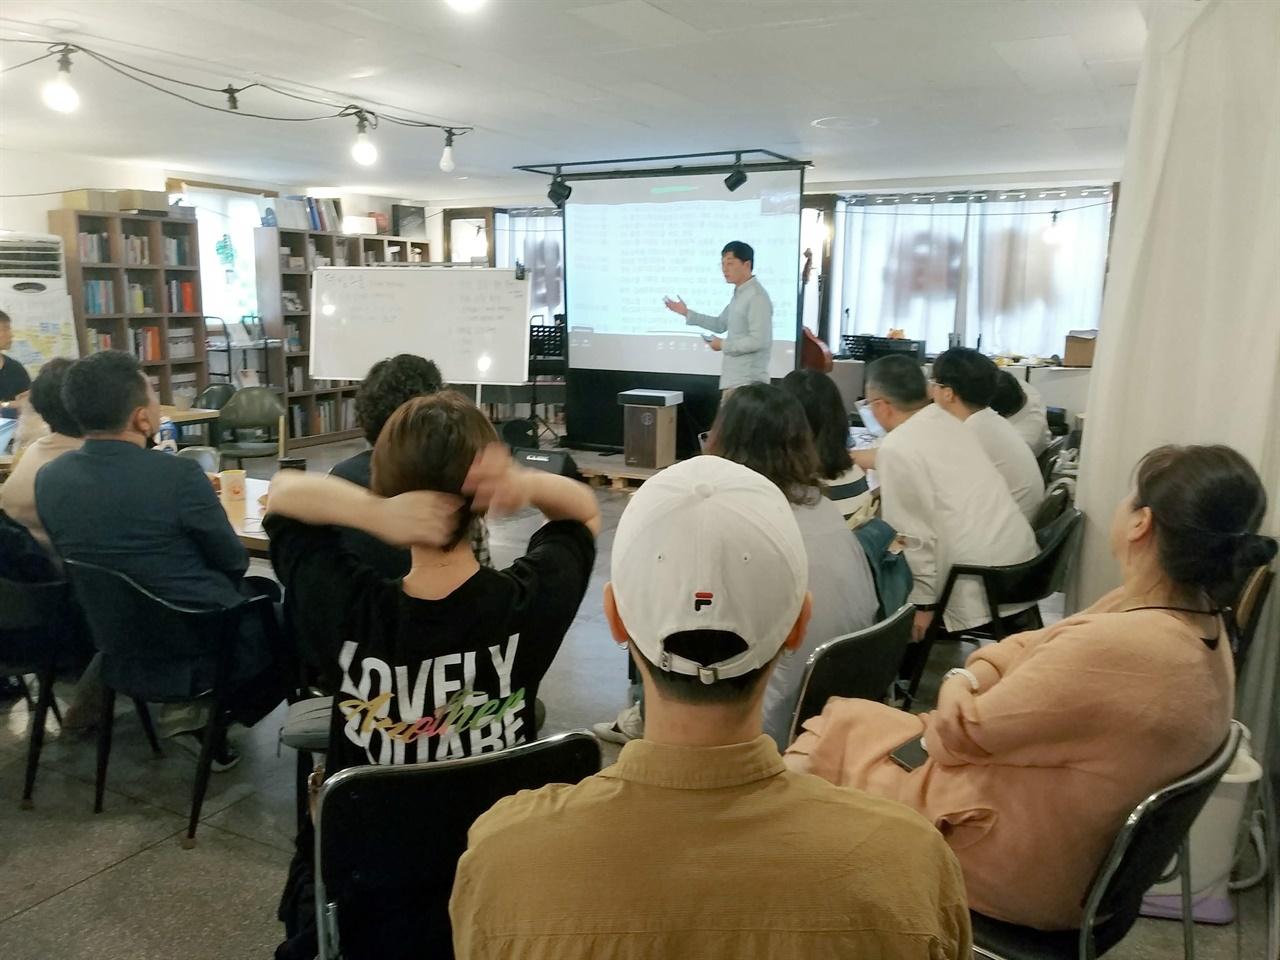 더빙스쿨 2.0 시민간담회 예비모임 더빙스쿨 2.0 시민간담회 예비모임